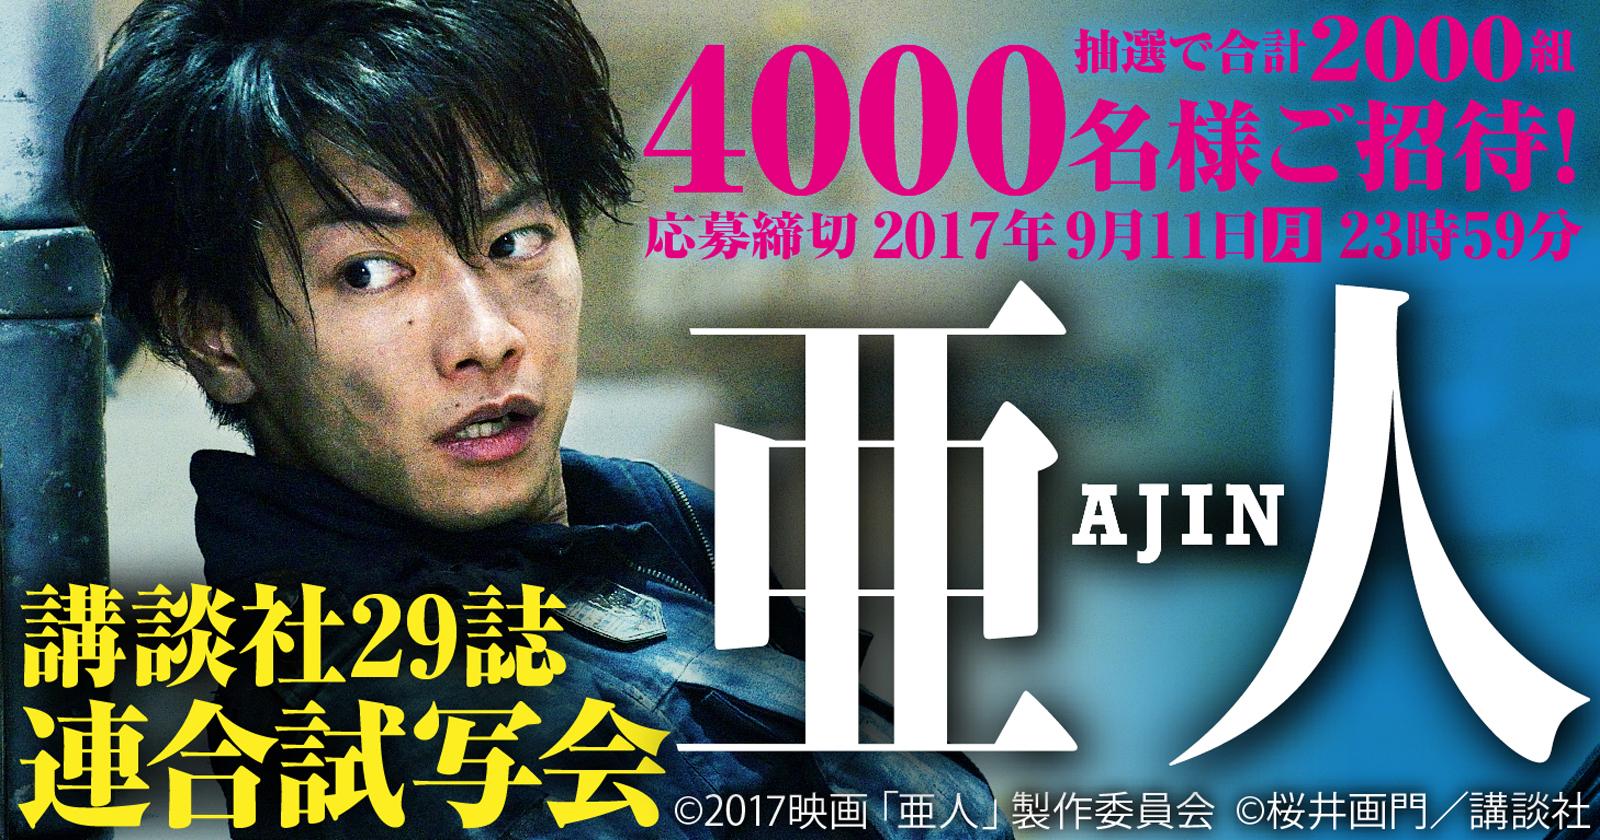 「亜人」講談社29誌 連合試写会 抽選で合計2000組4000名様ご招待!